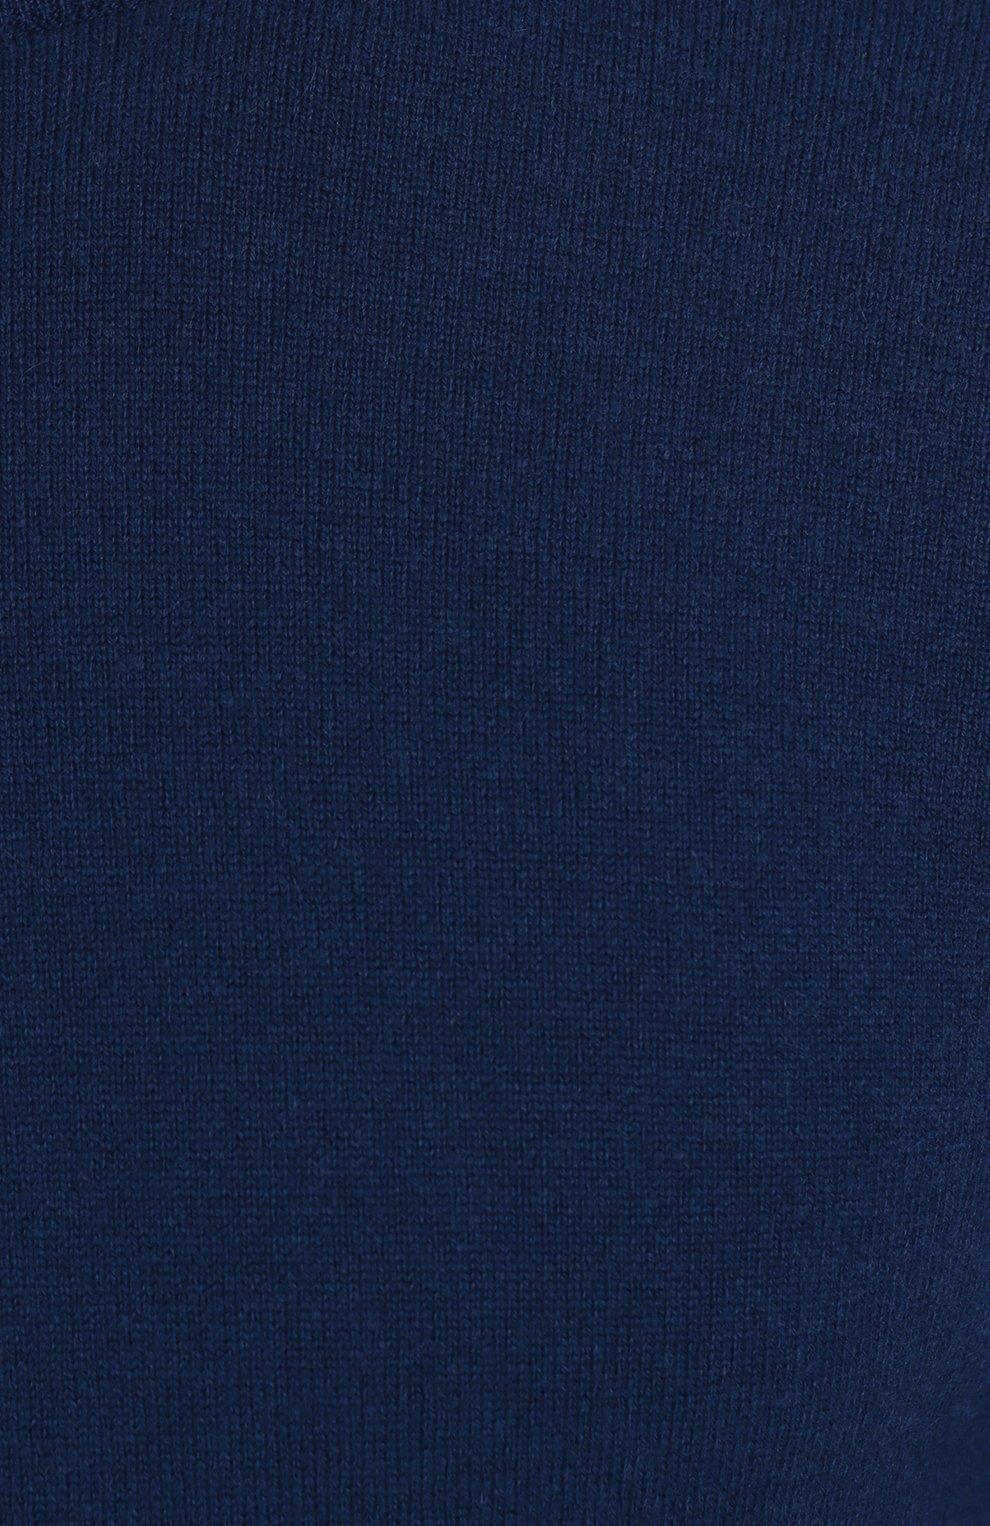 Однотонный кашемировый джемпер | Фото №5